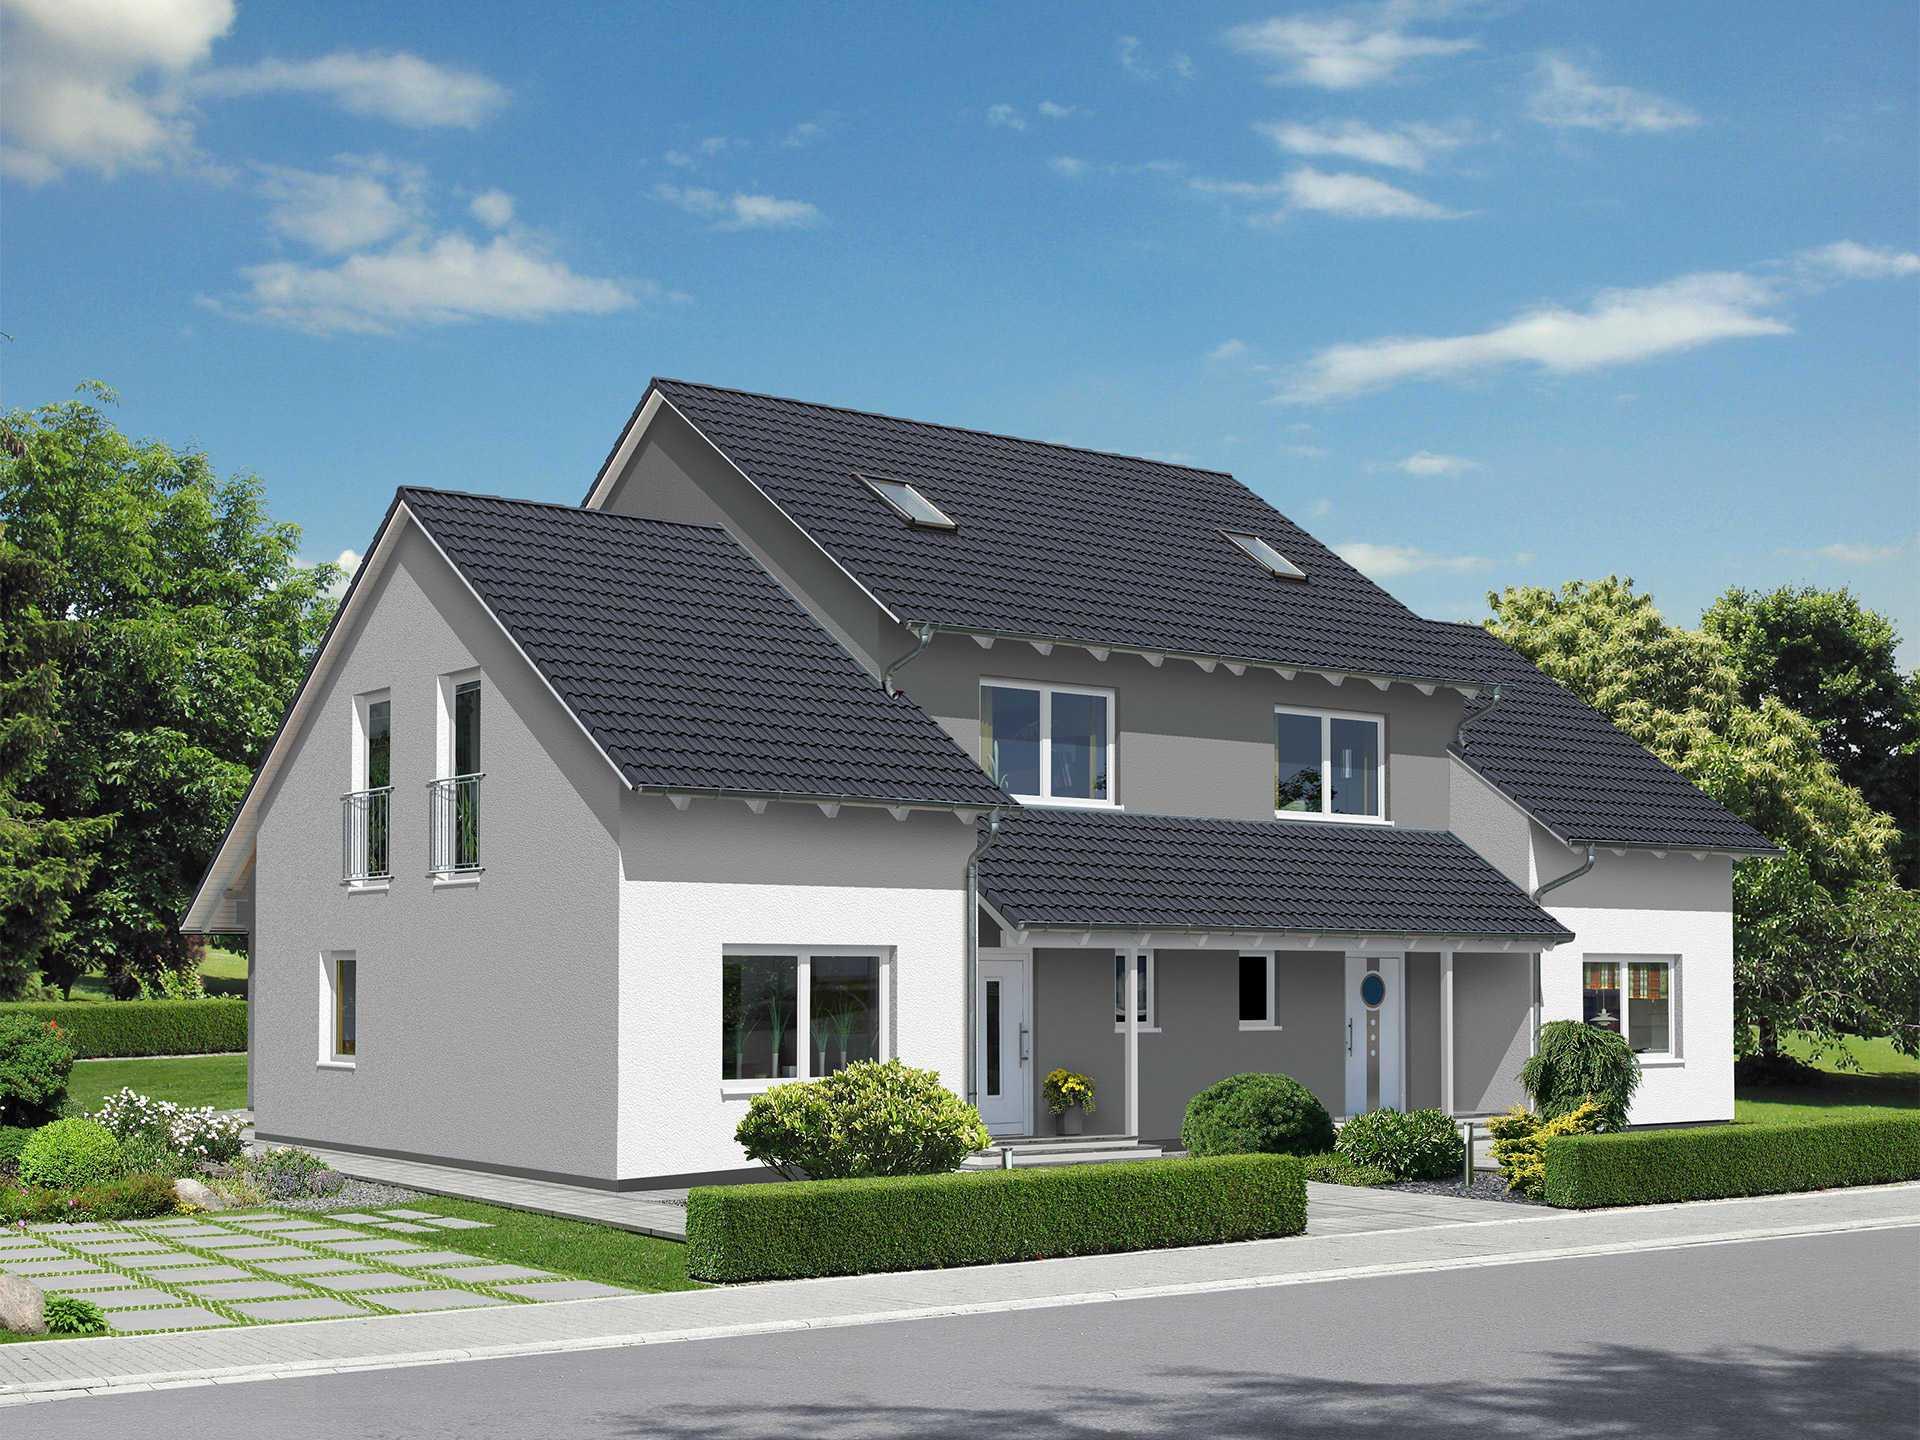 Beispielhaus 15 0 ytong bausatzhaus for Bilder doppelhaus